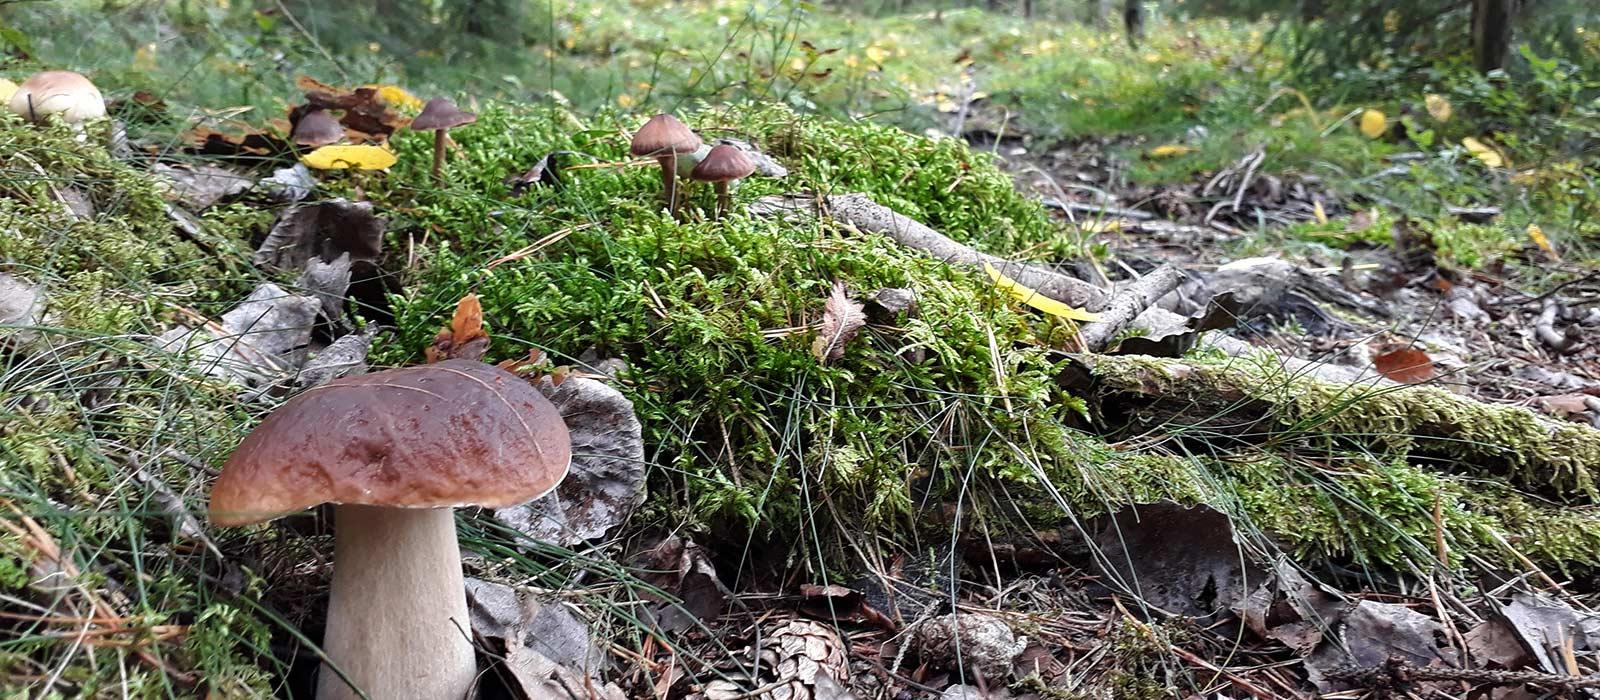 Svampar i Malma naturreservat.